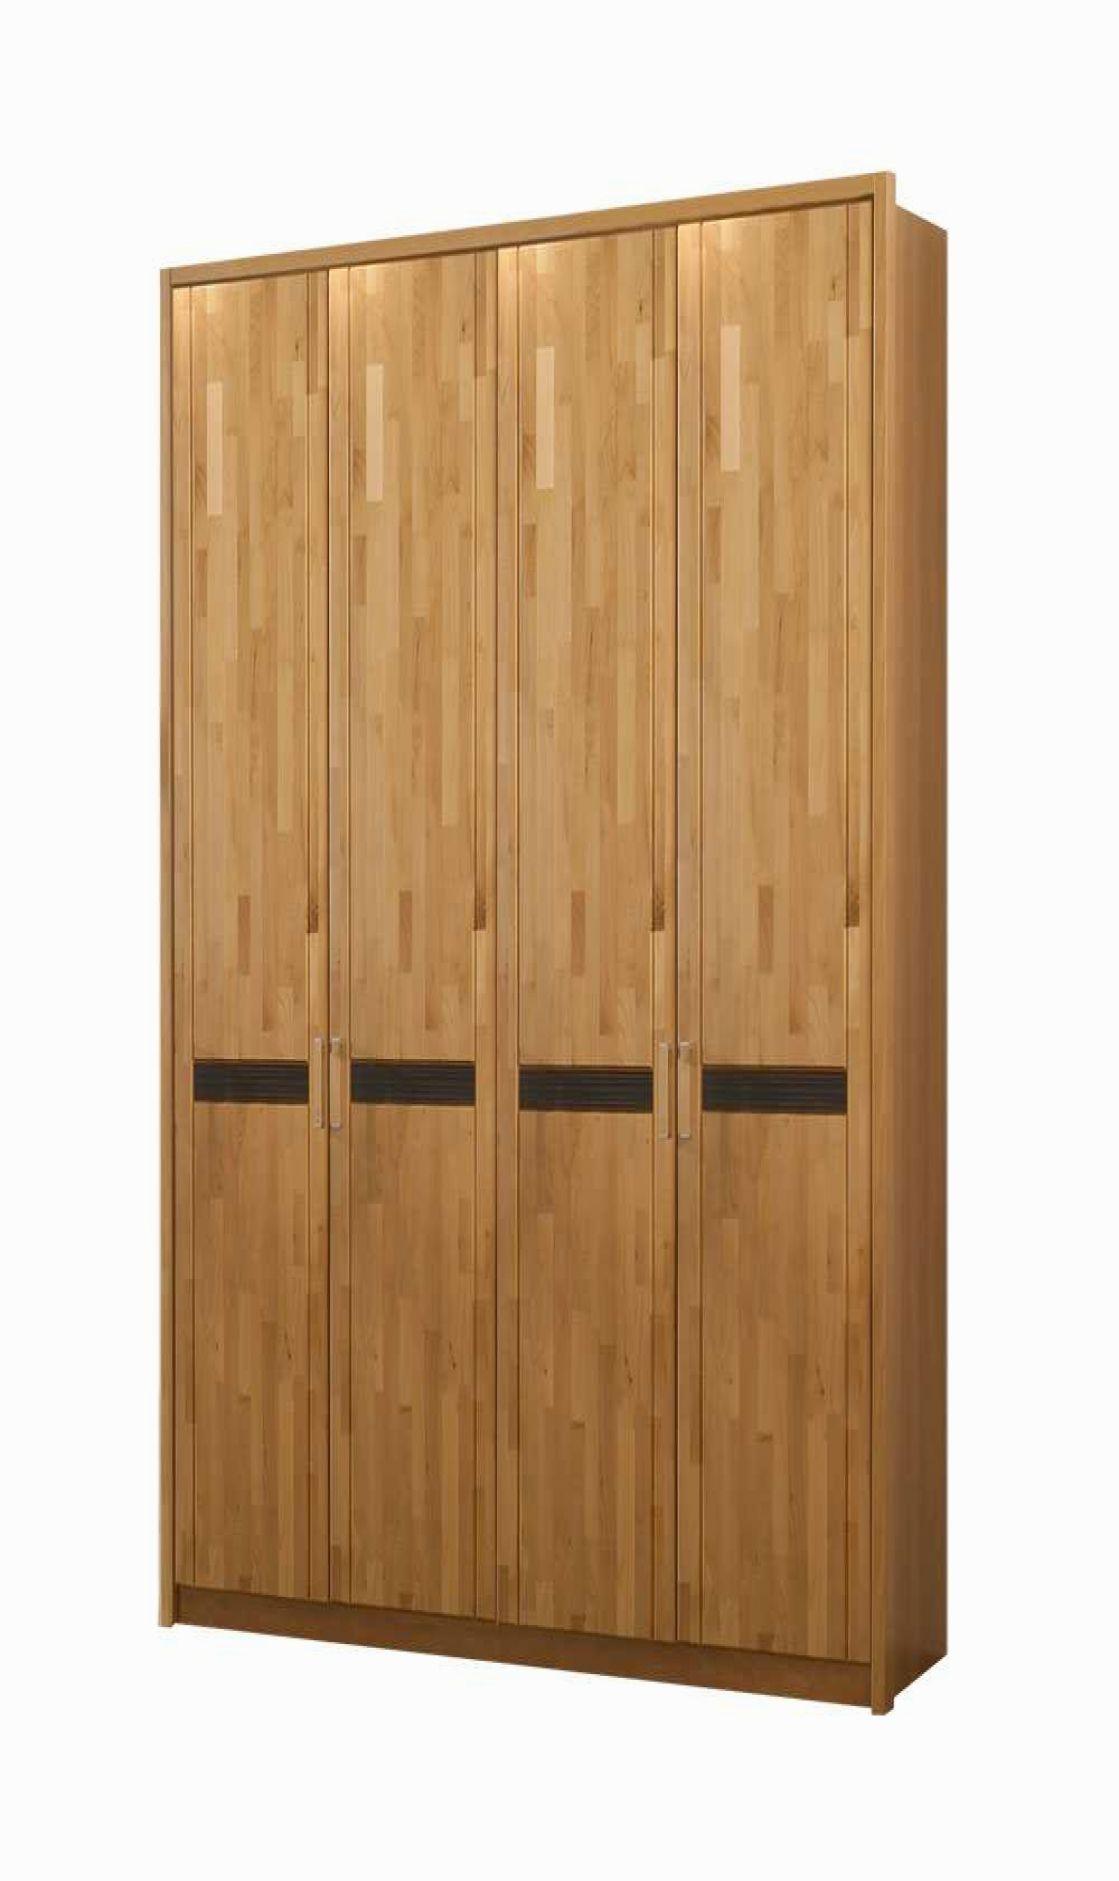 21 Elegant Schrank 300 Cm Breit In 2020 Tall Cabinet Storage